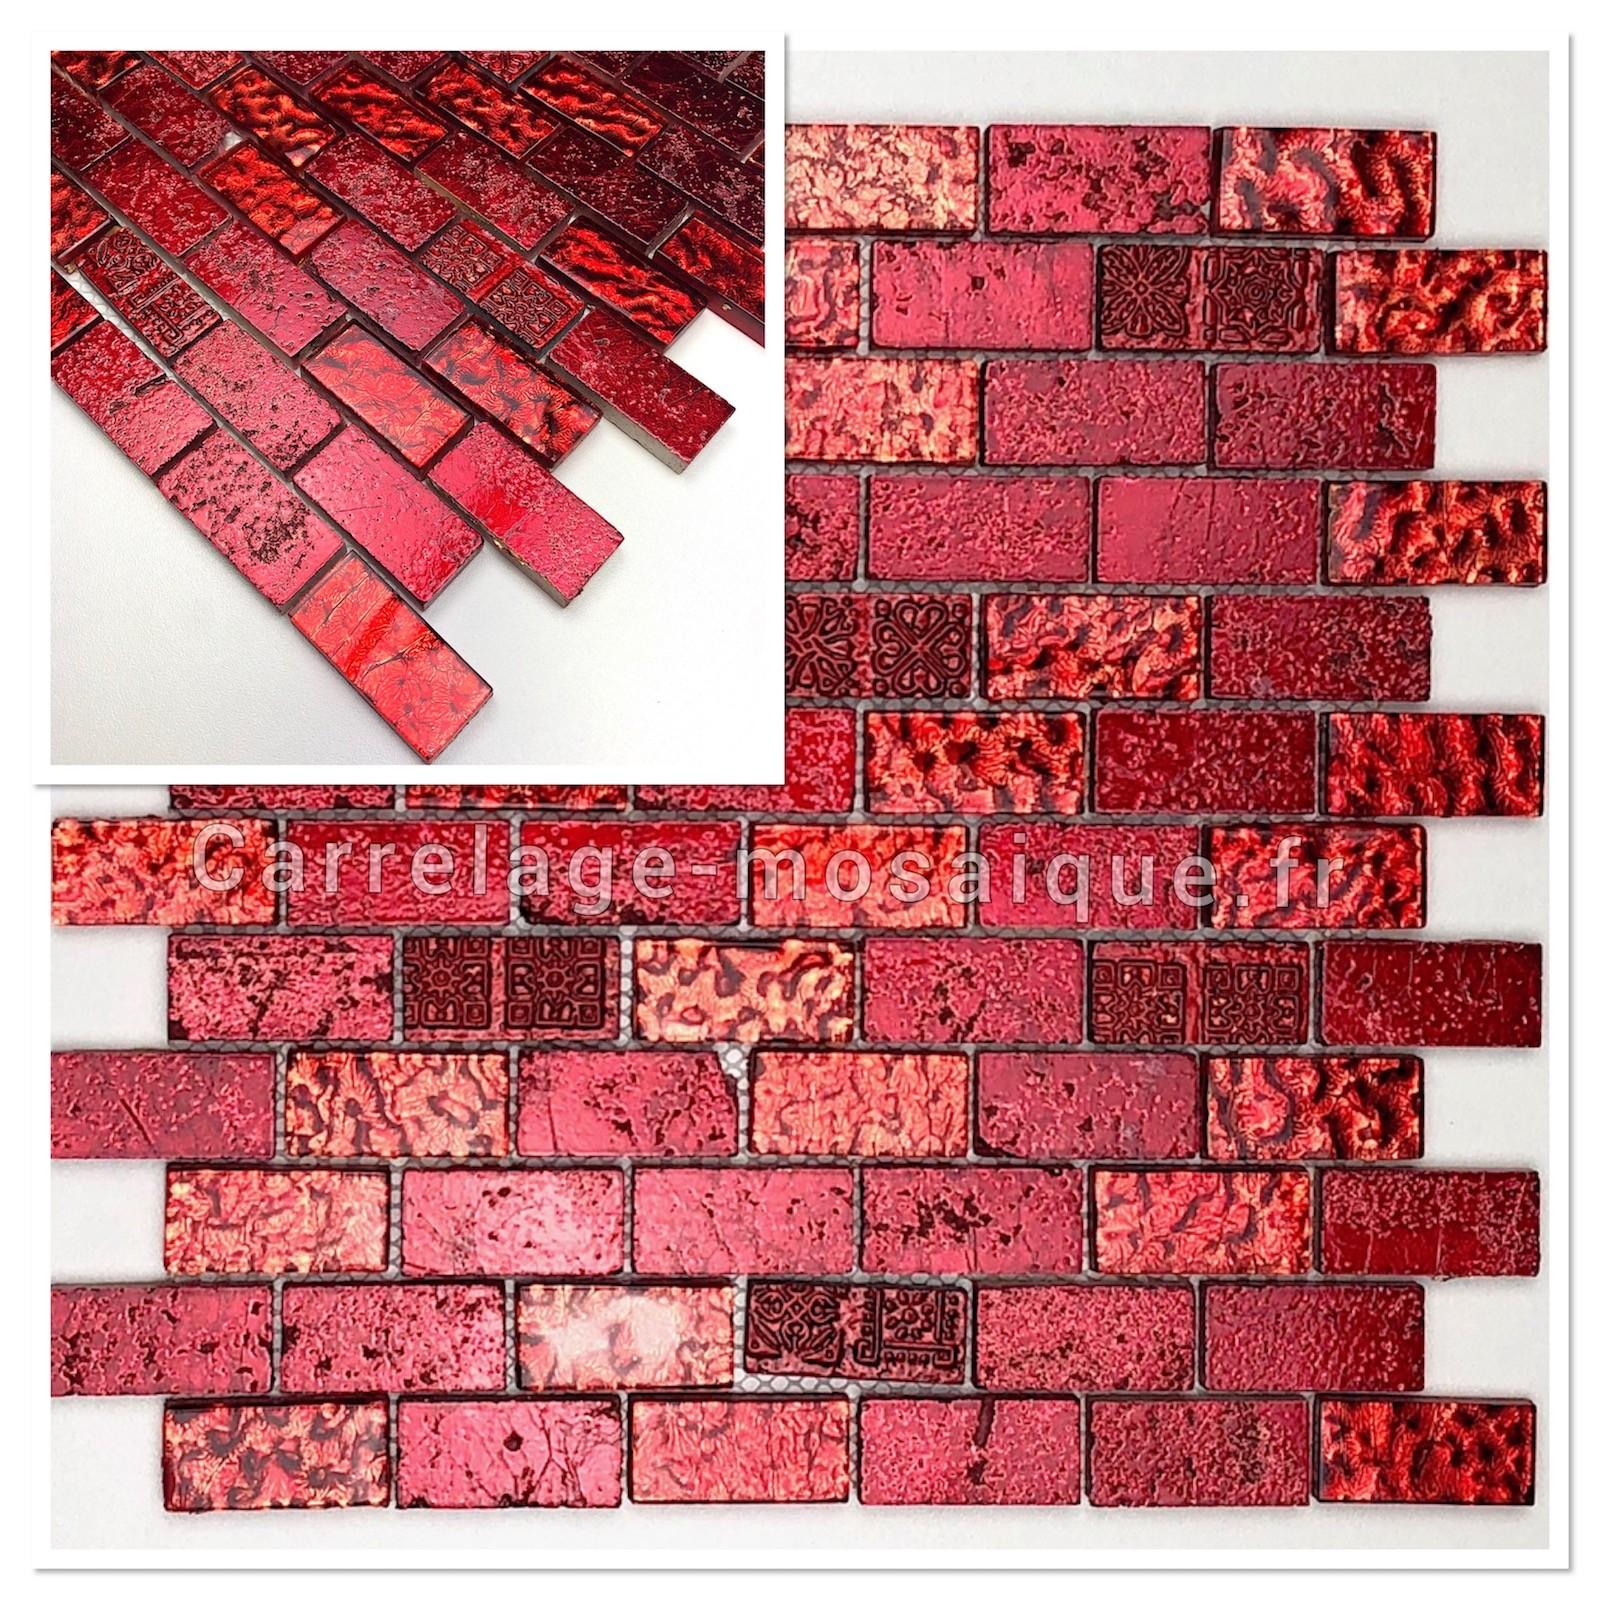 Salle De Bain Brique echantillon mosaique carrrelage salle de bain mvp-metallic brique rouge -  carrelage-mosaique